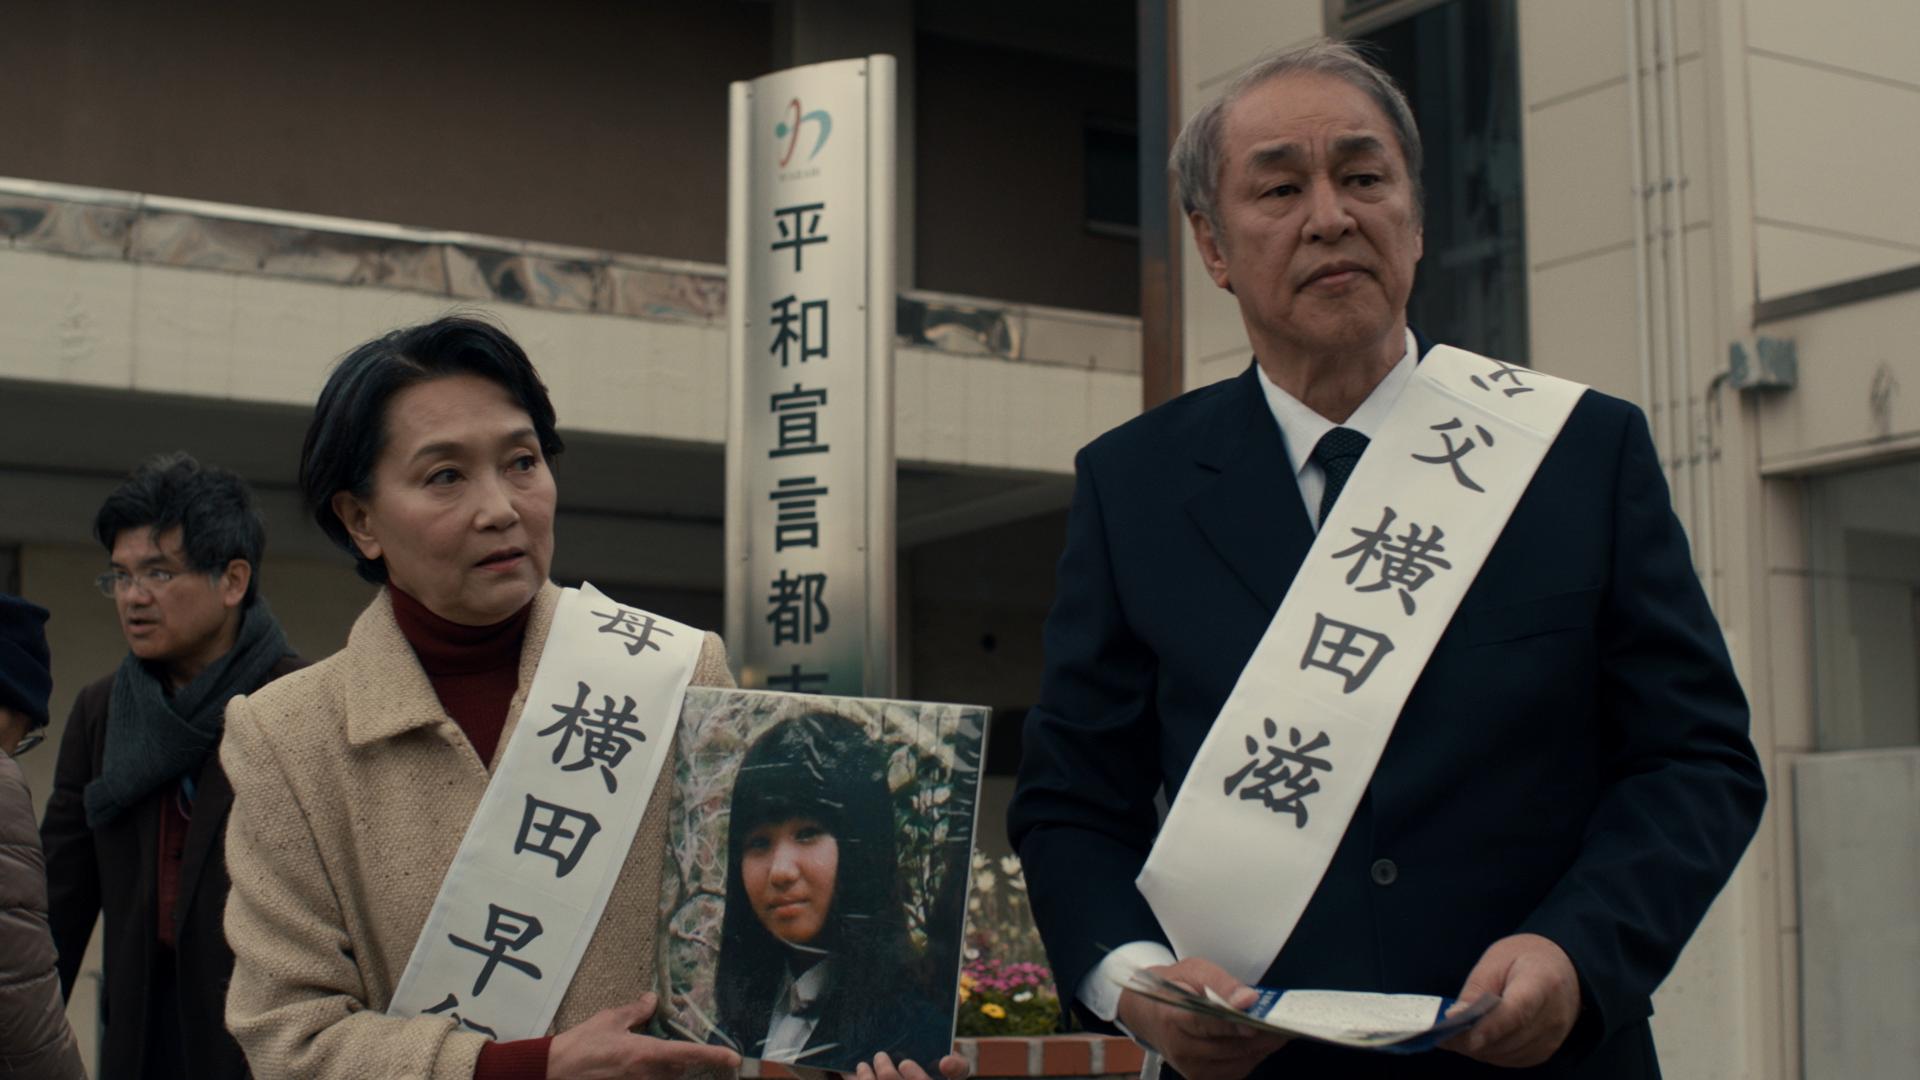 『めぐみへの誓い』5/15(土)初日上映について